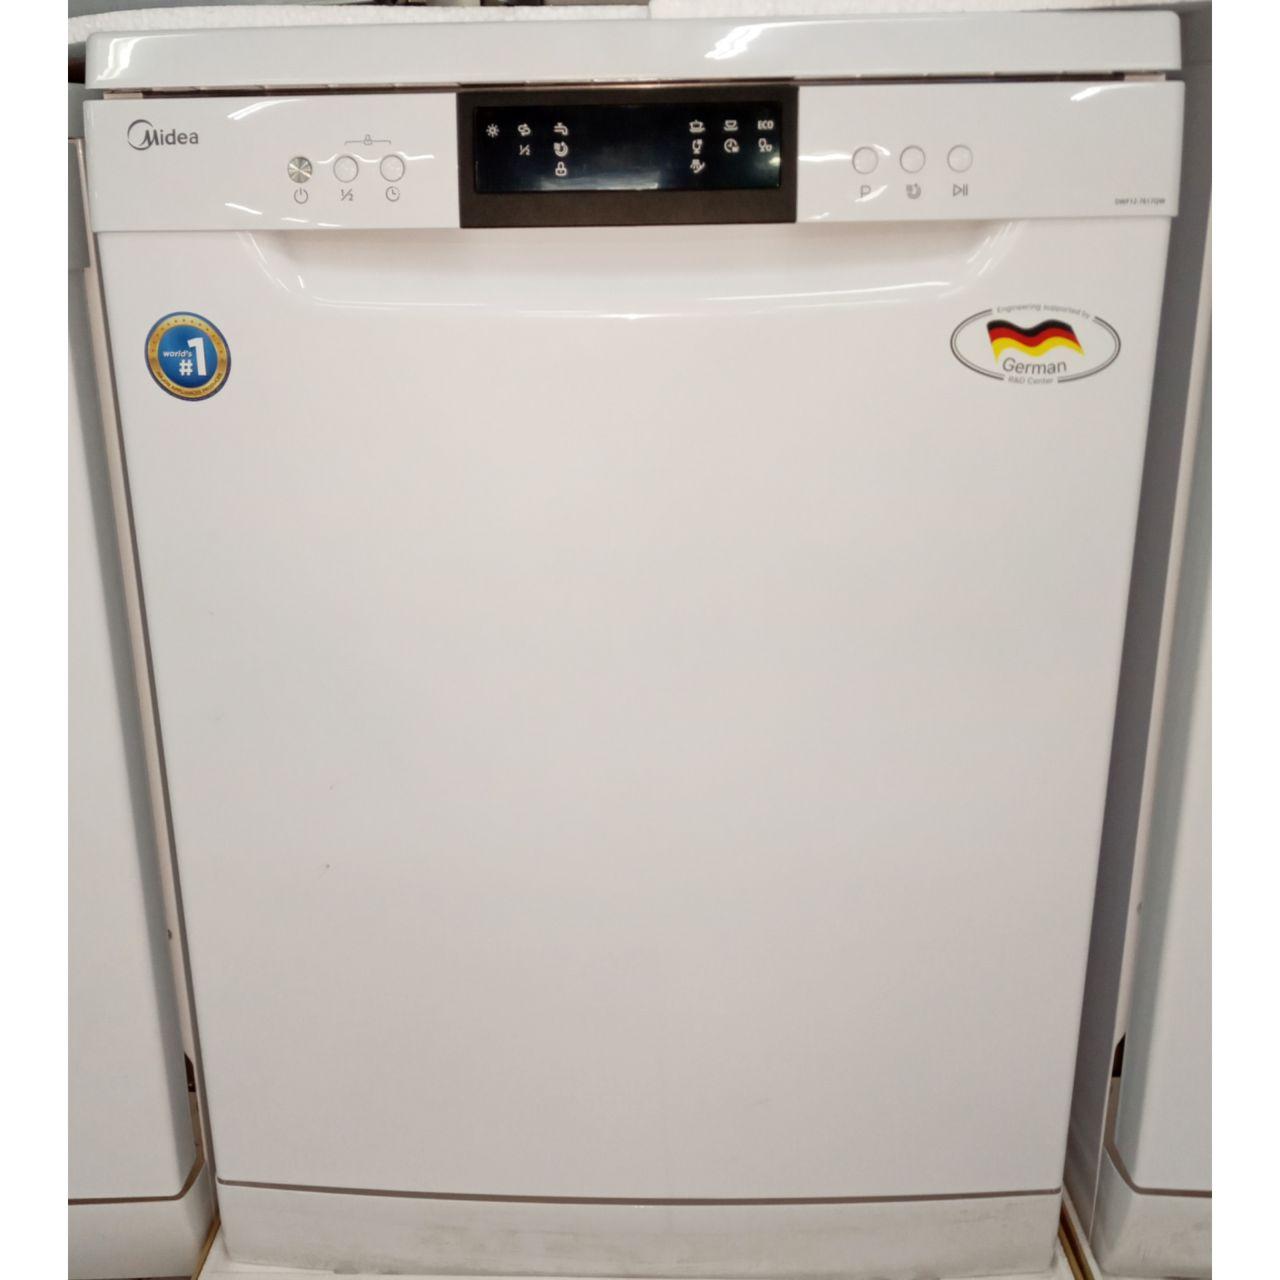 Посудомоечная машина Midea на 14 персон